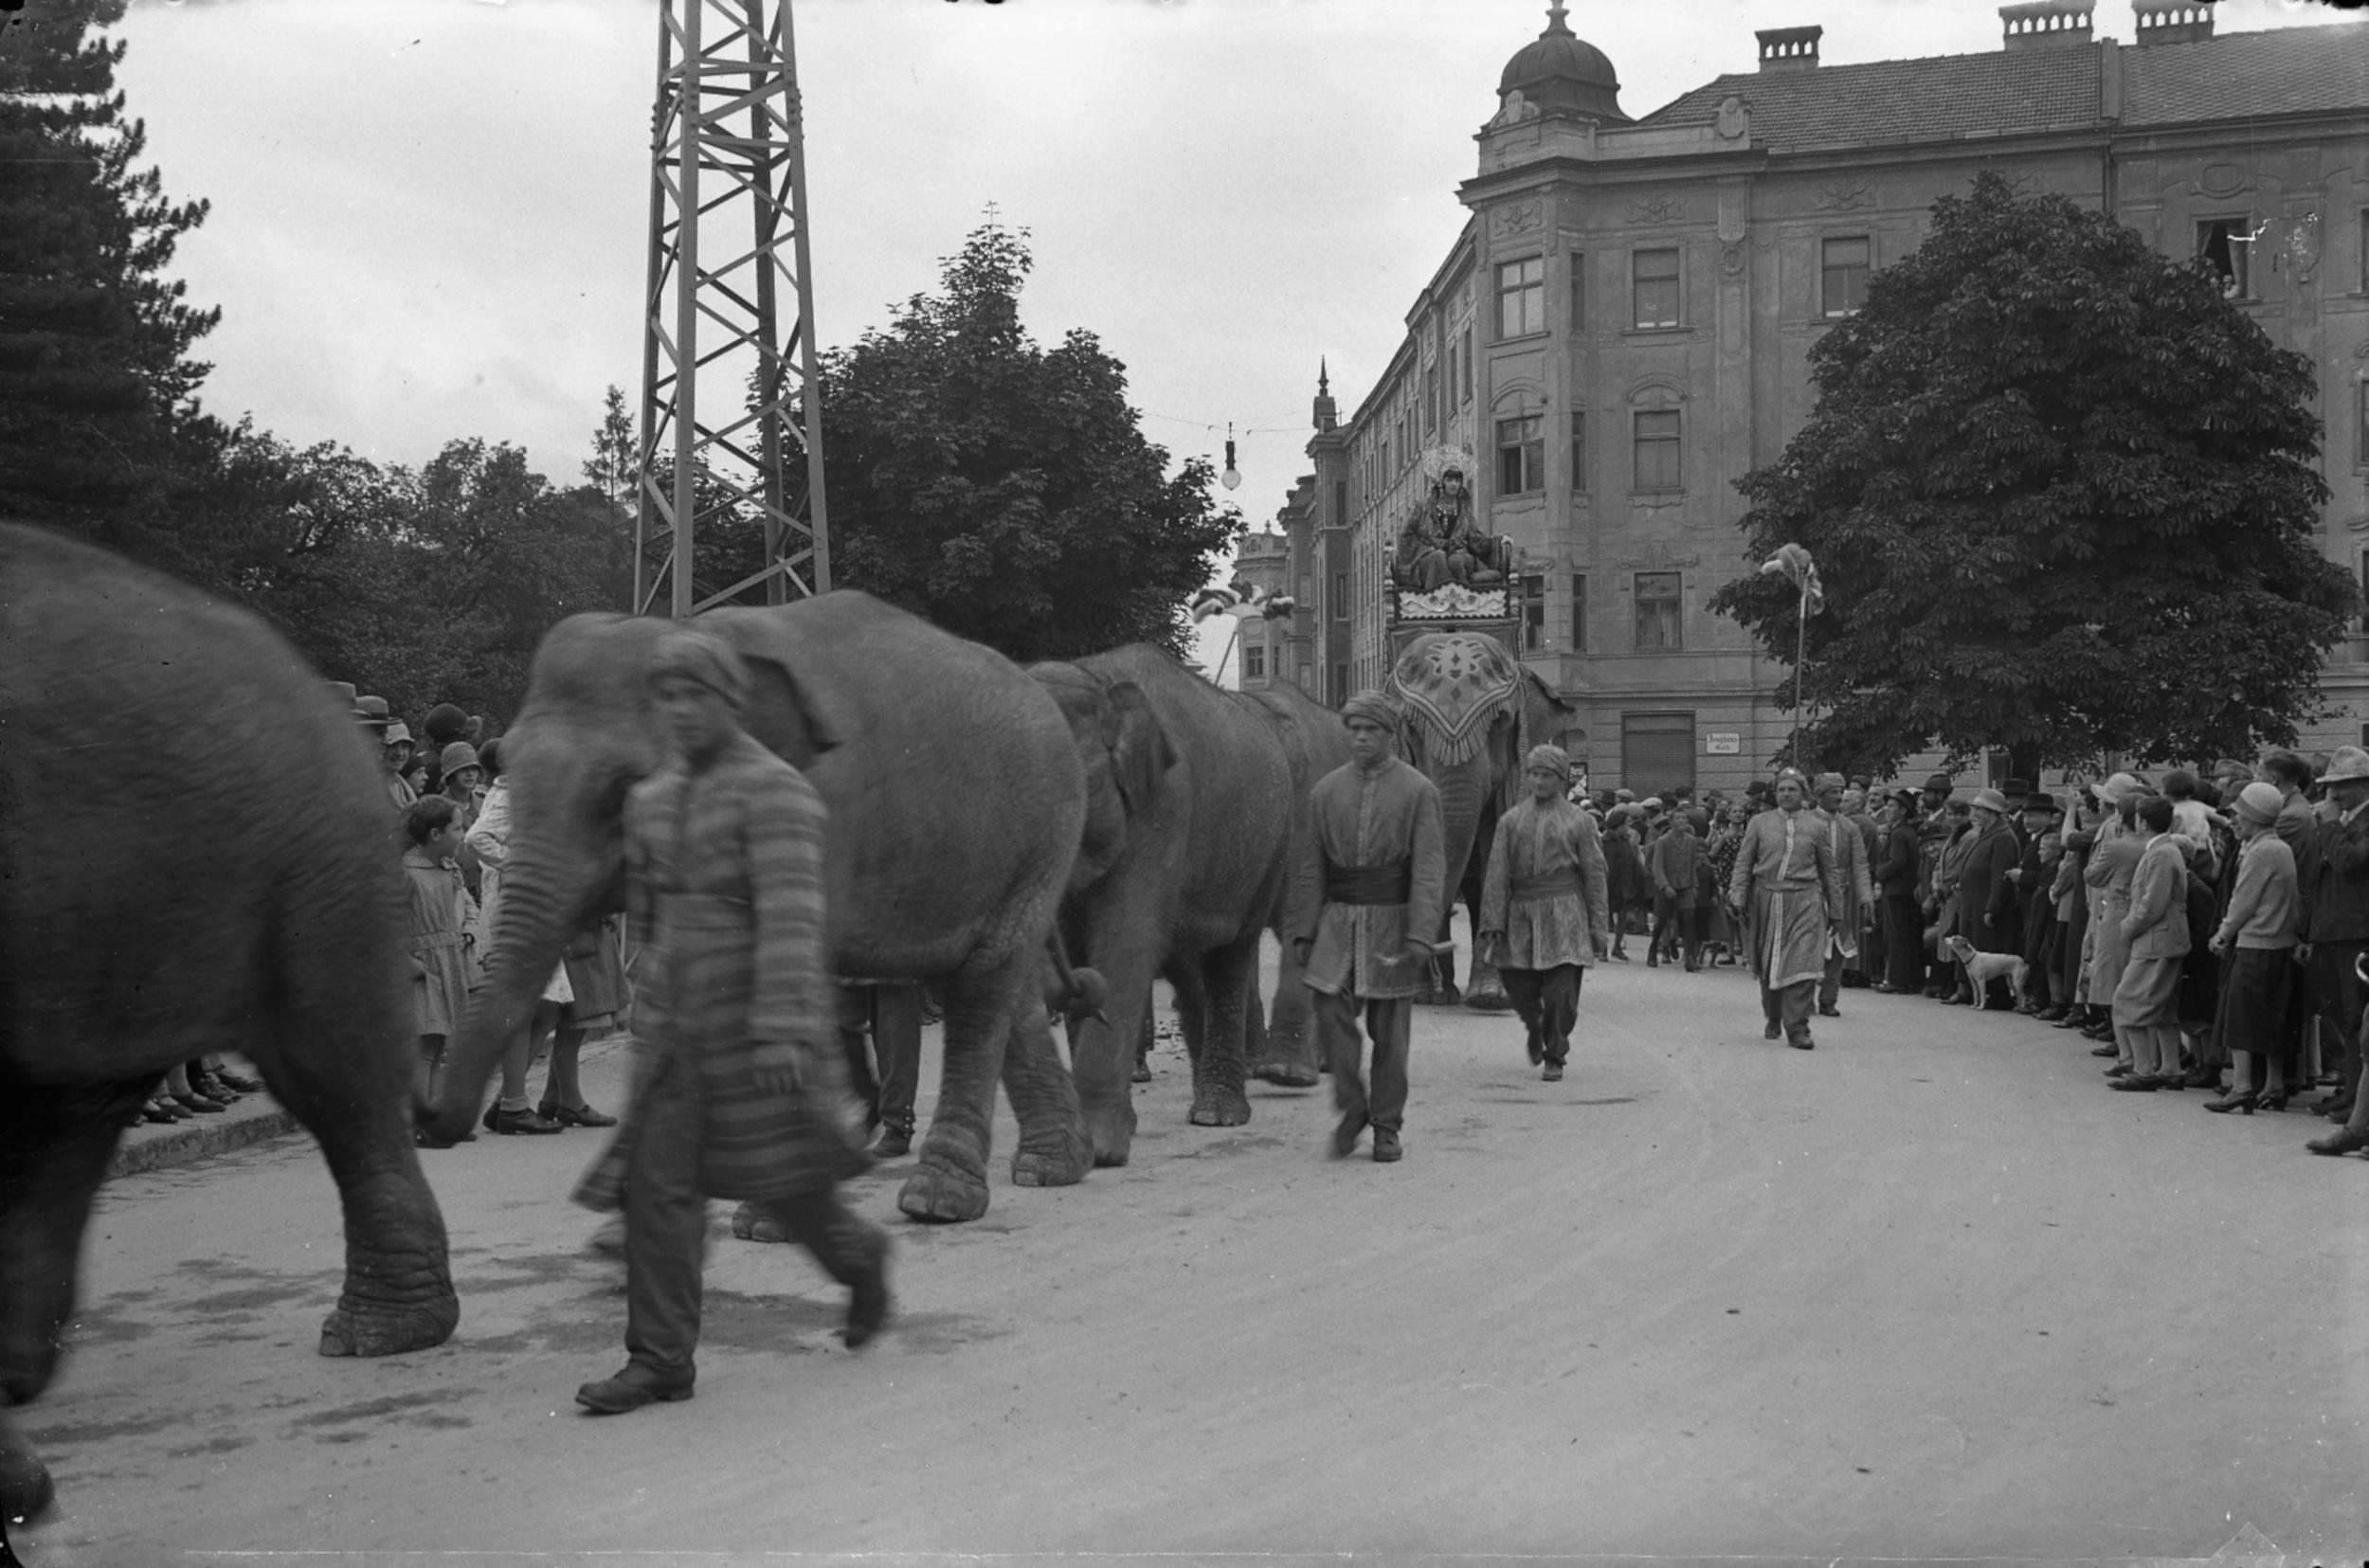 Elefantenspaziergang Durch Dreiheiligen